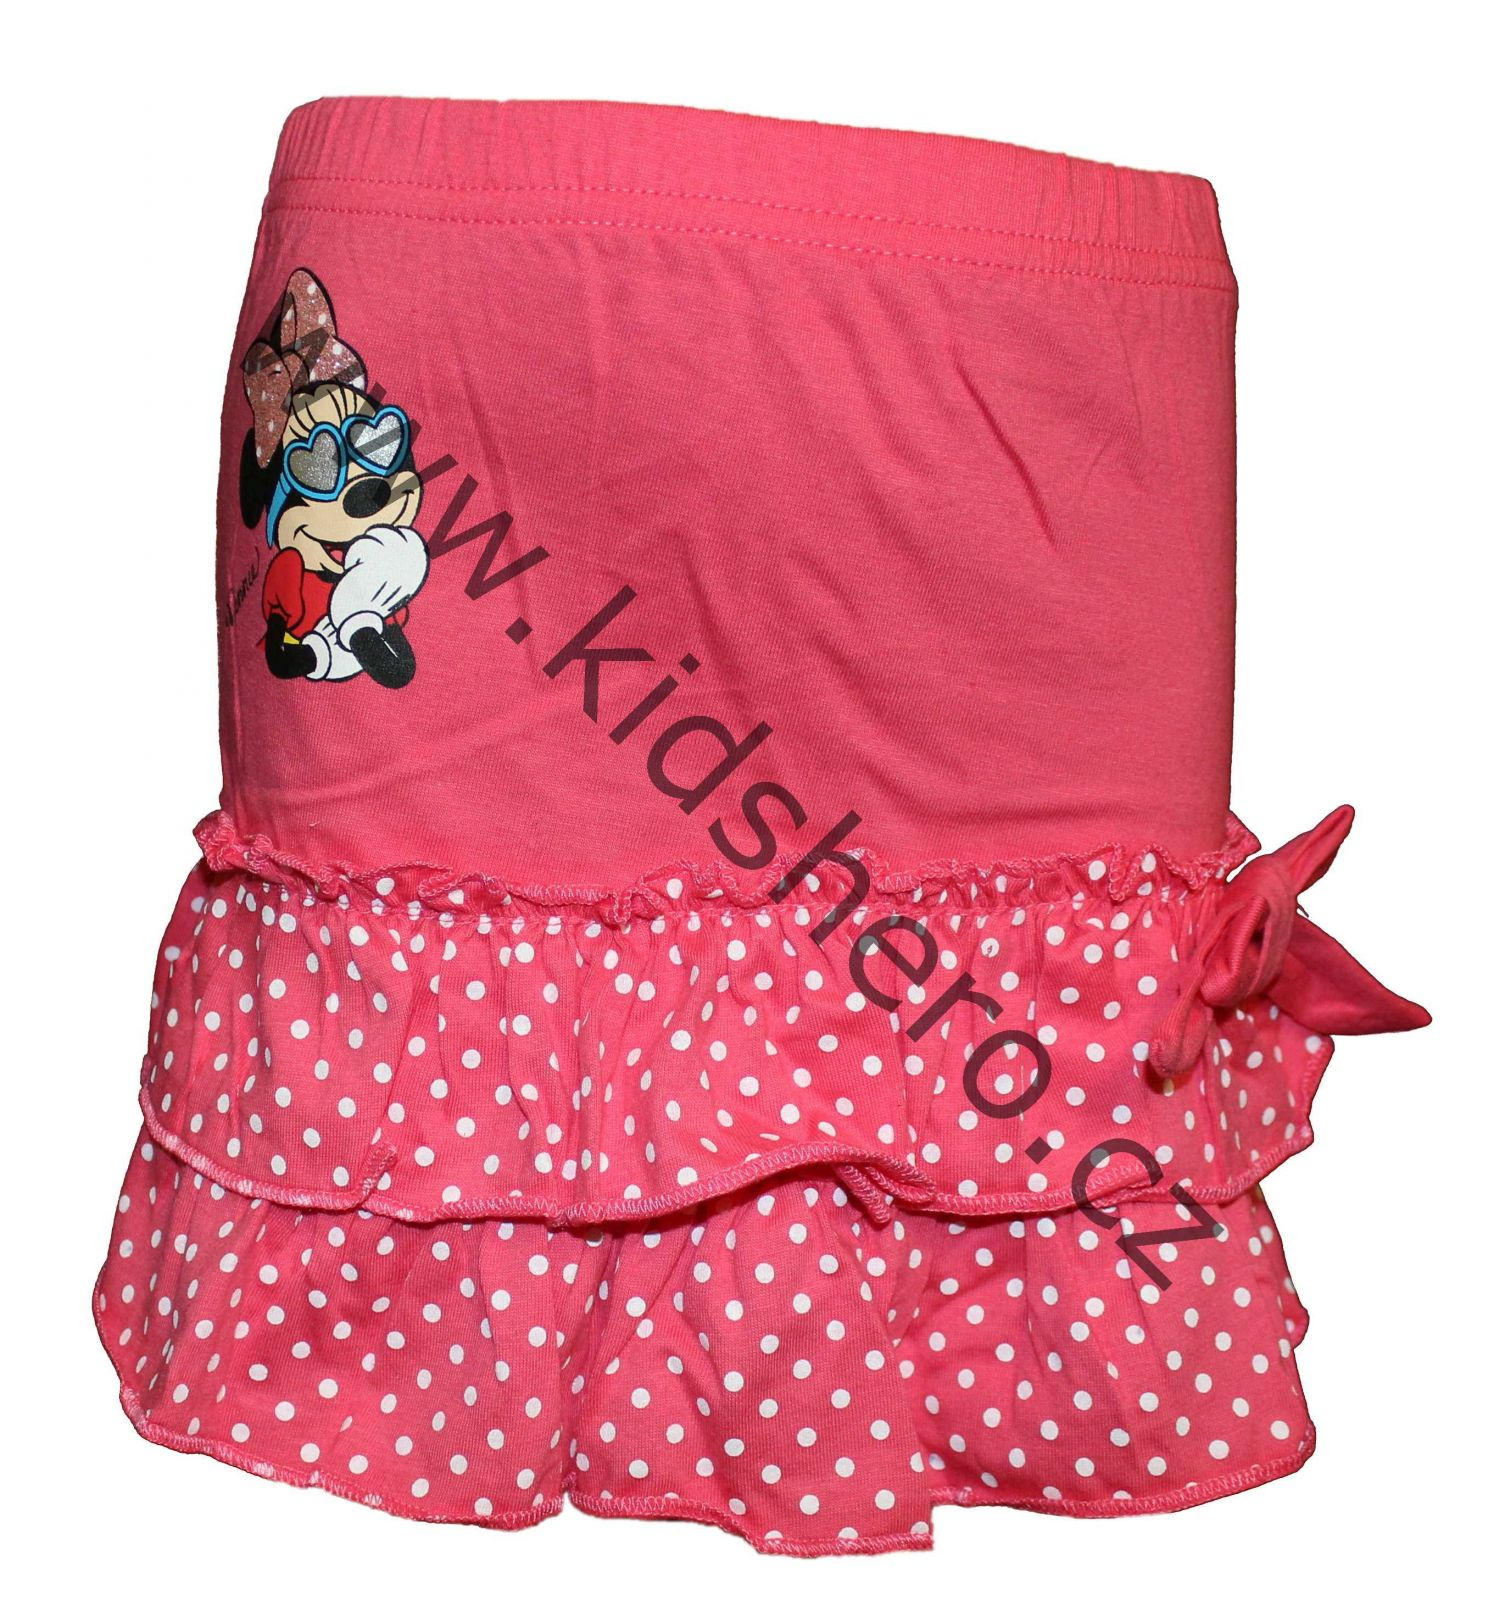 Dětská sukně Minnie, dívčí bavlněná sukně Minnie, sukýnka Disney